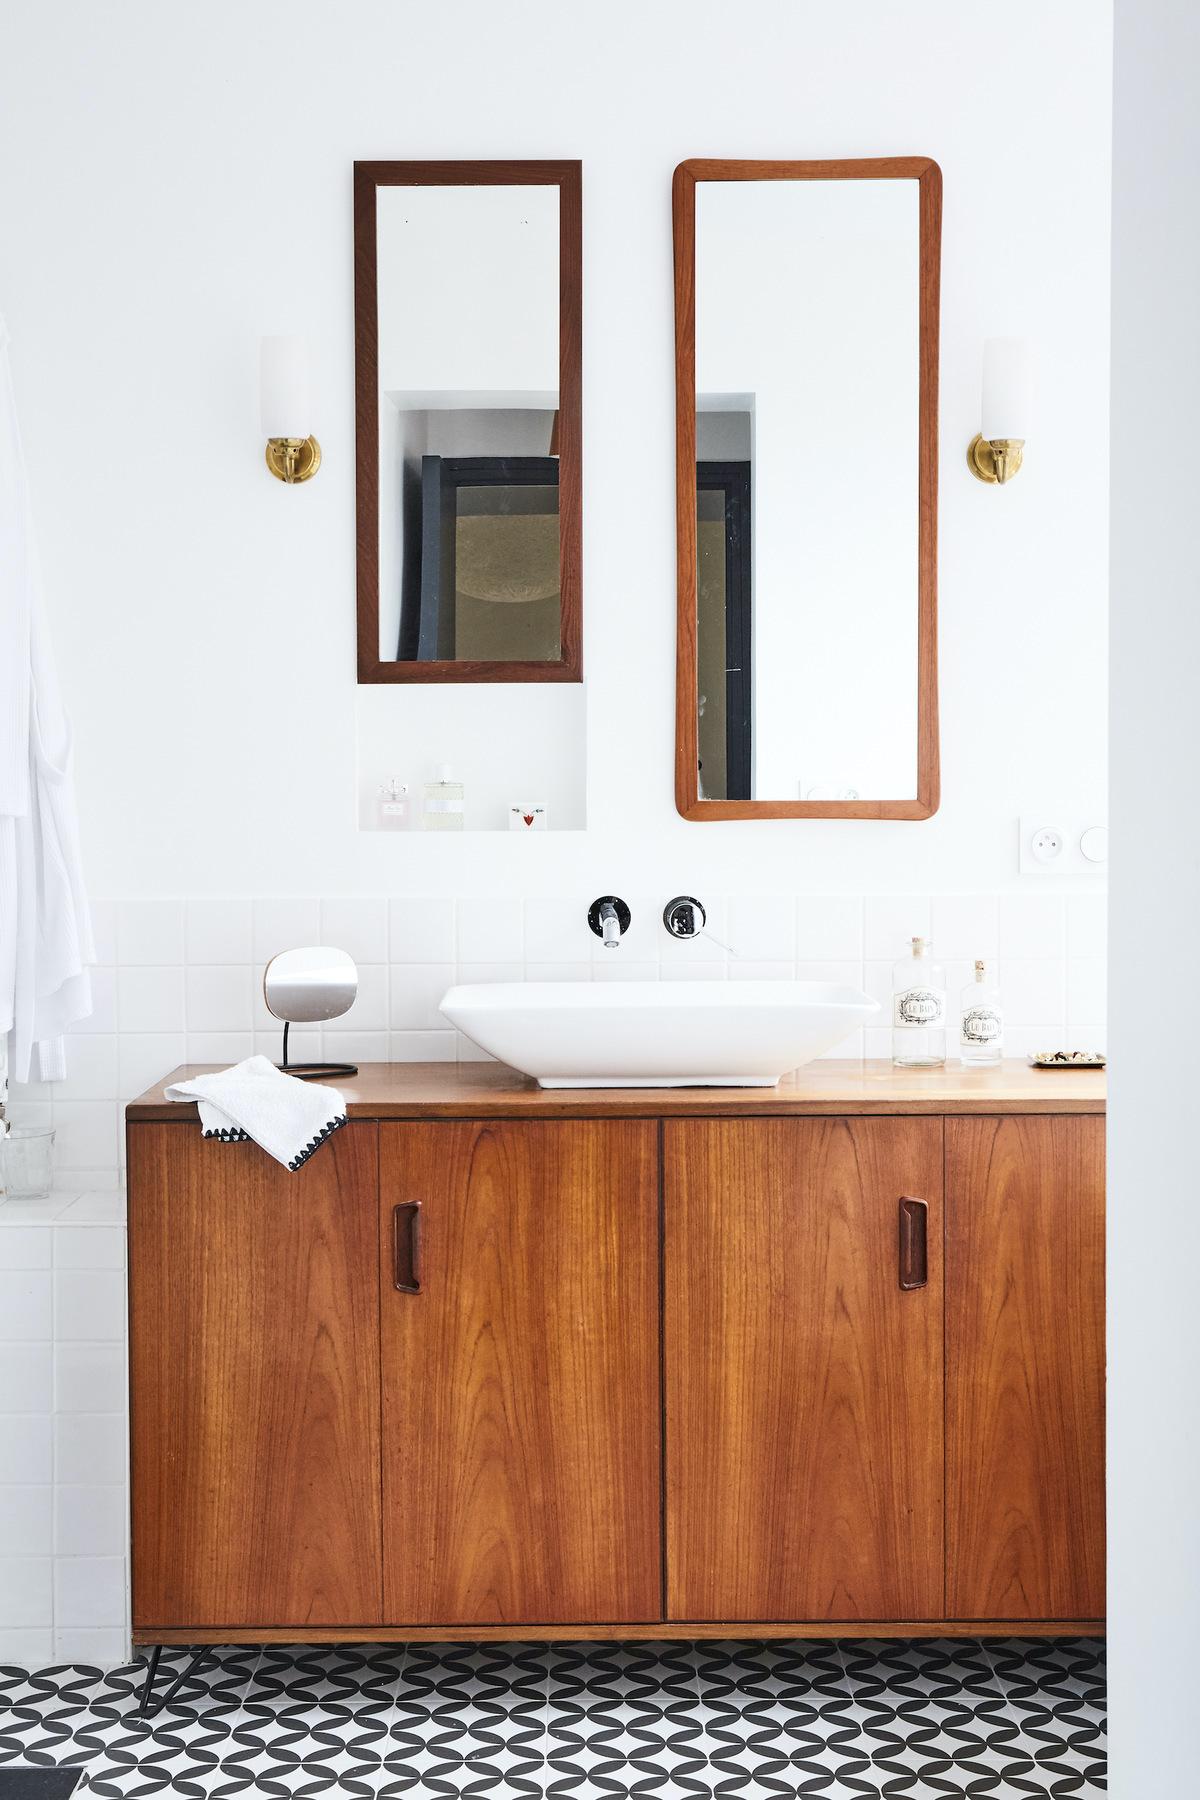 salle de bain style décoration années 30s buffet bois carrelage damier gris blanc